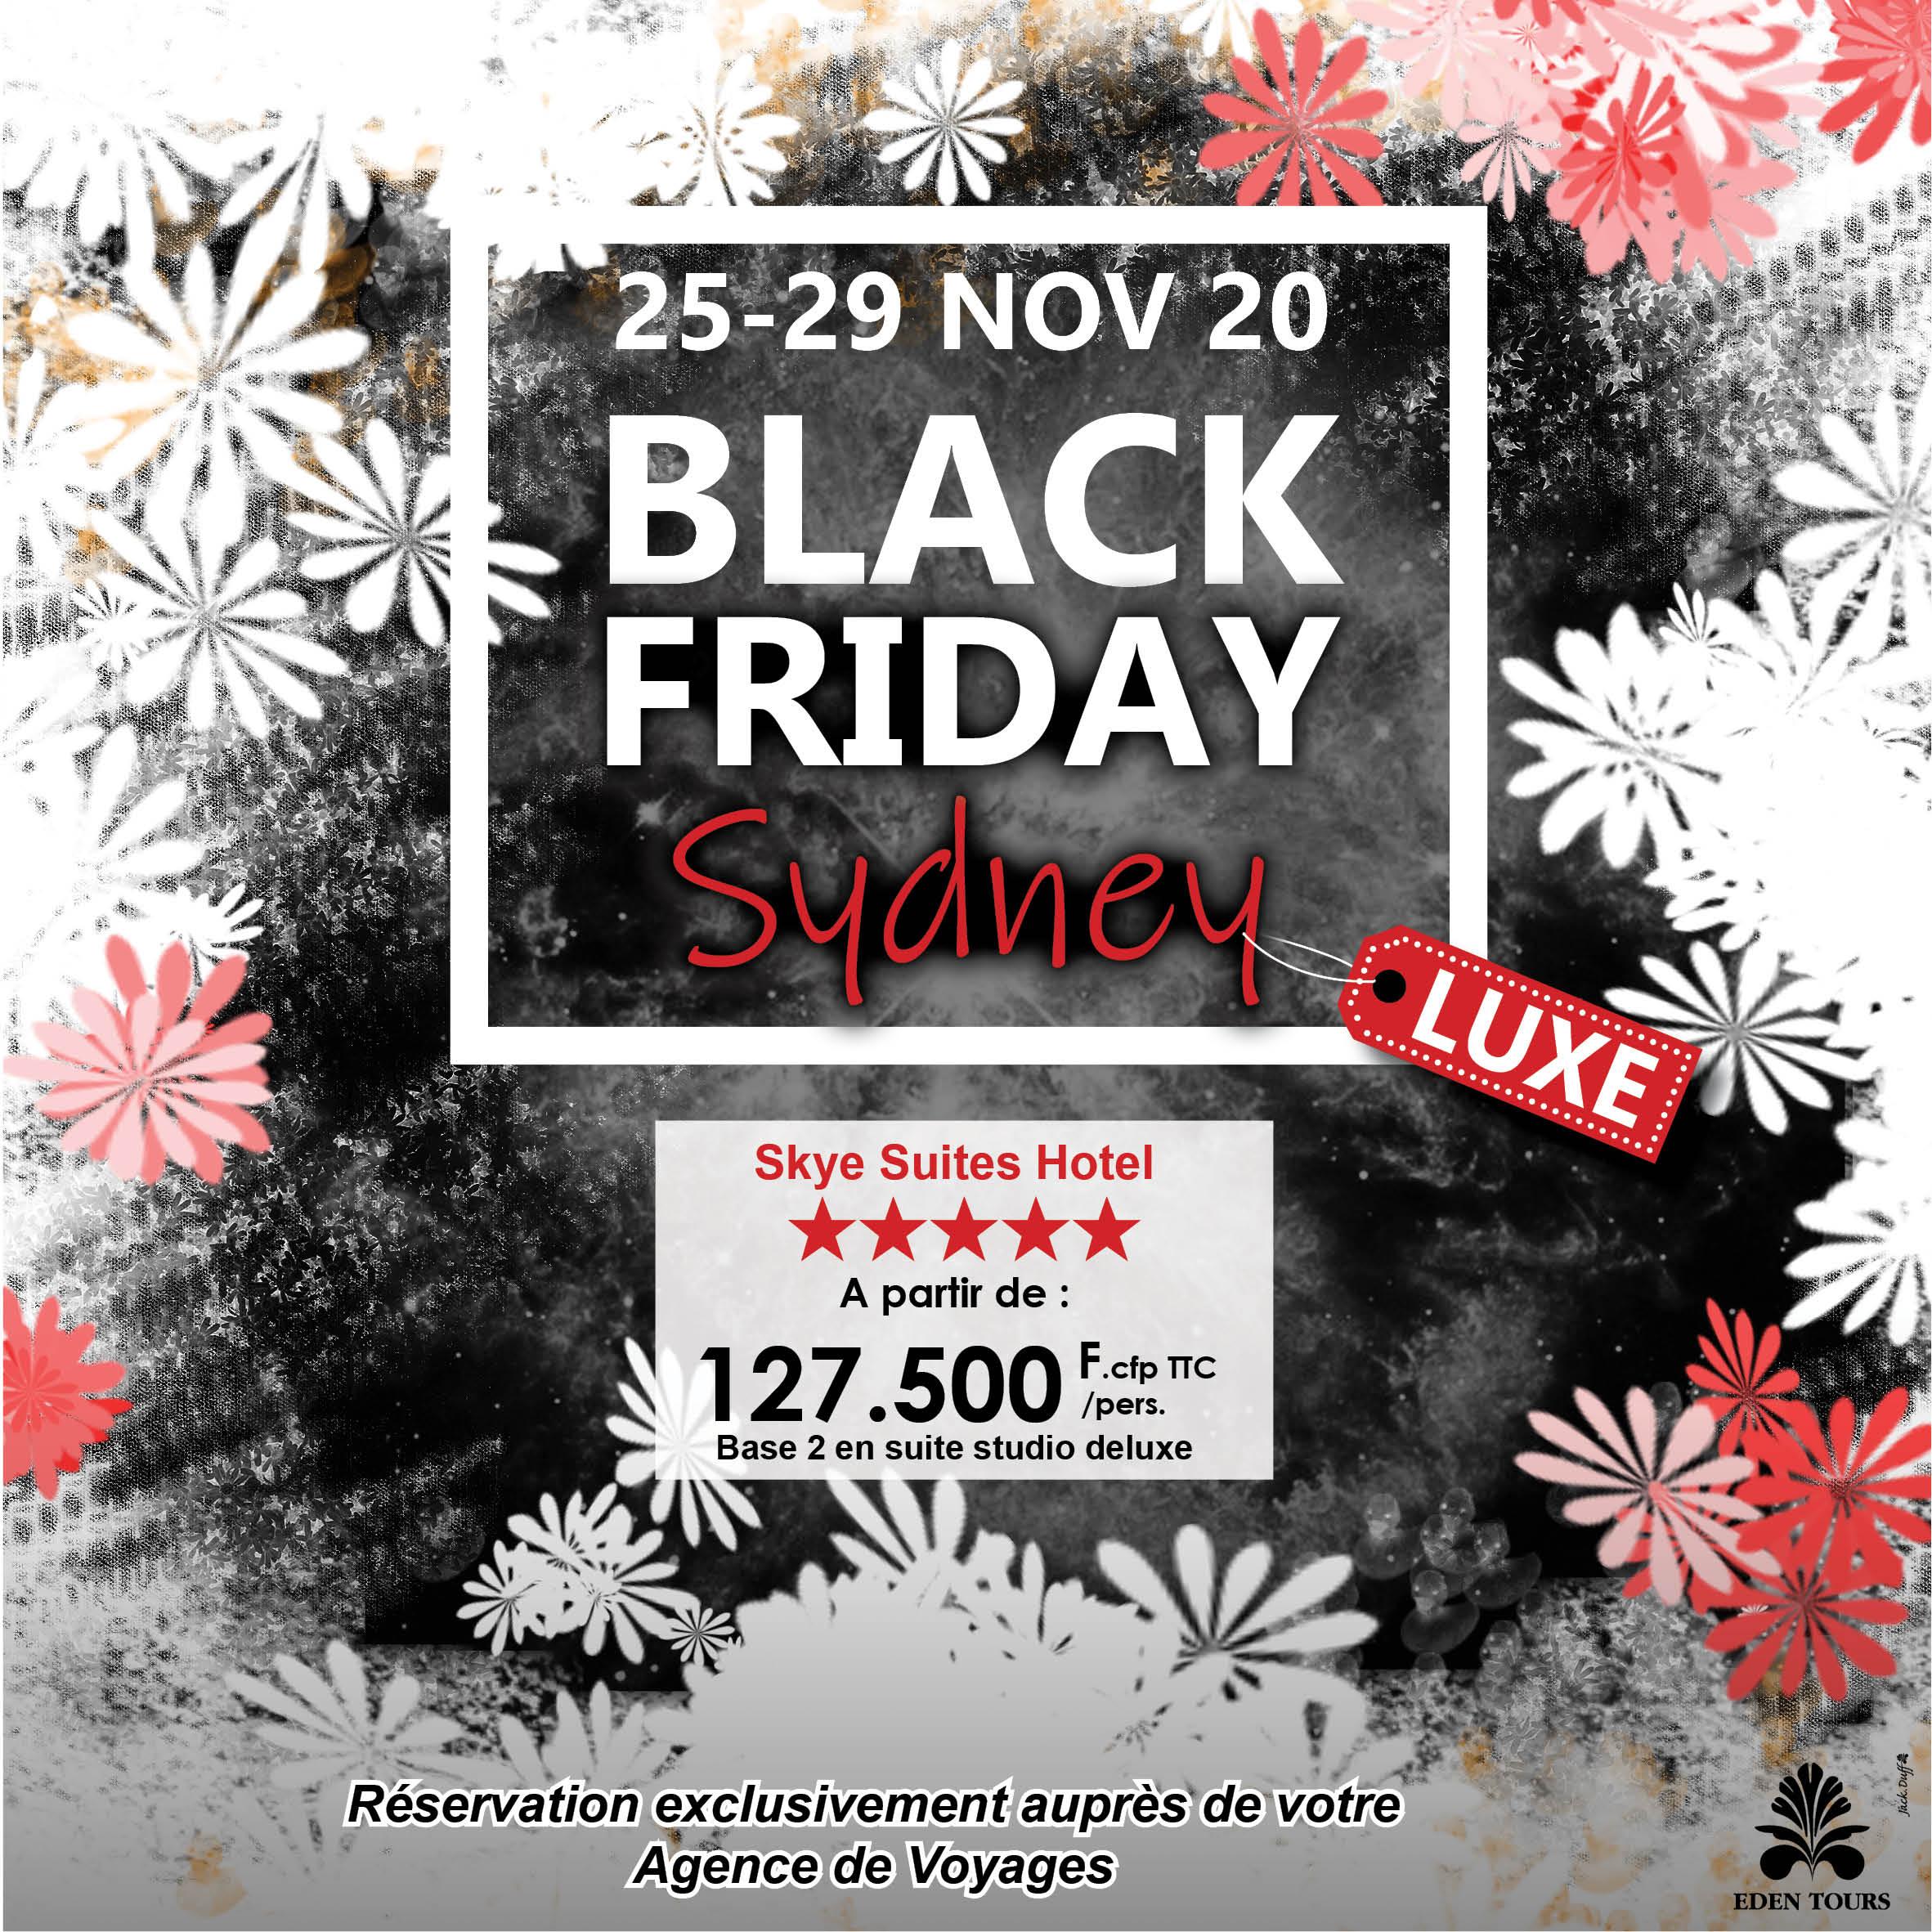 BLACK FRIDAY SYD 25 29 nov 20   V2   FAC